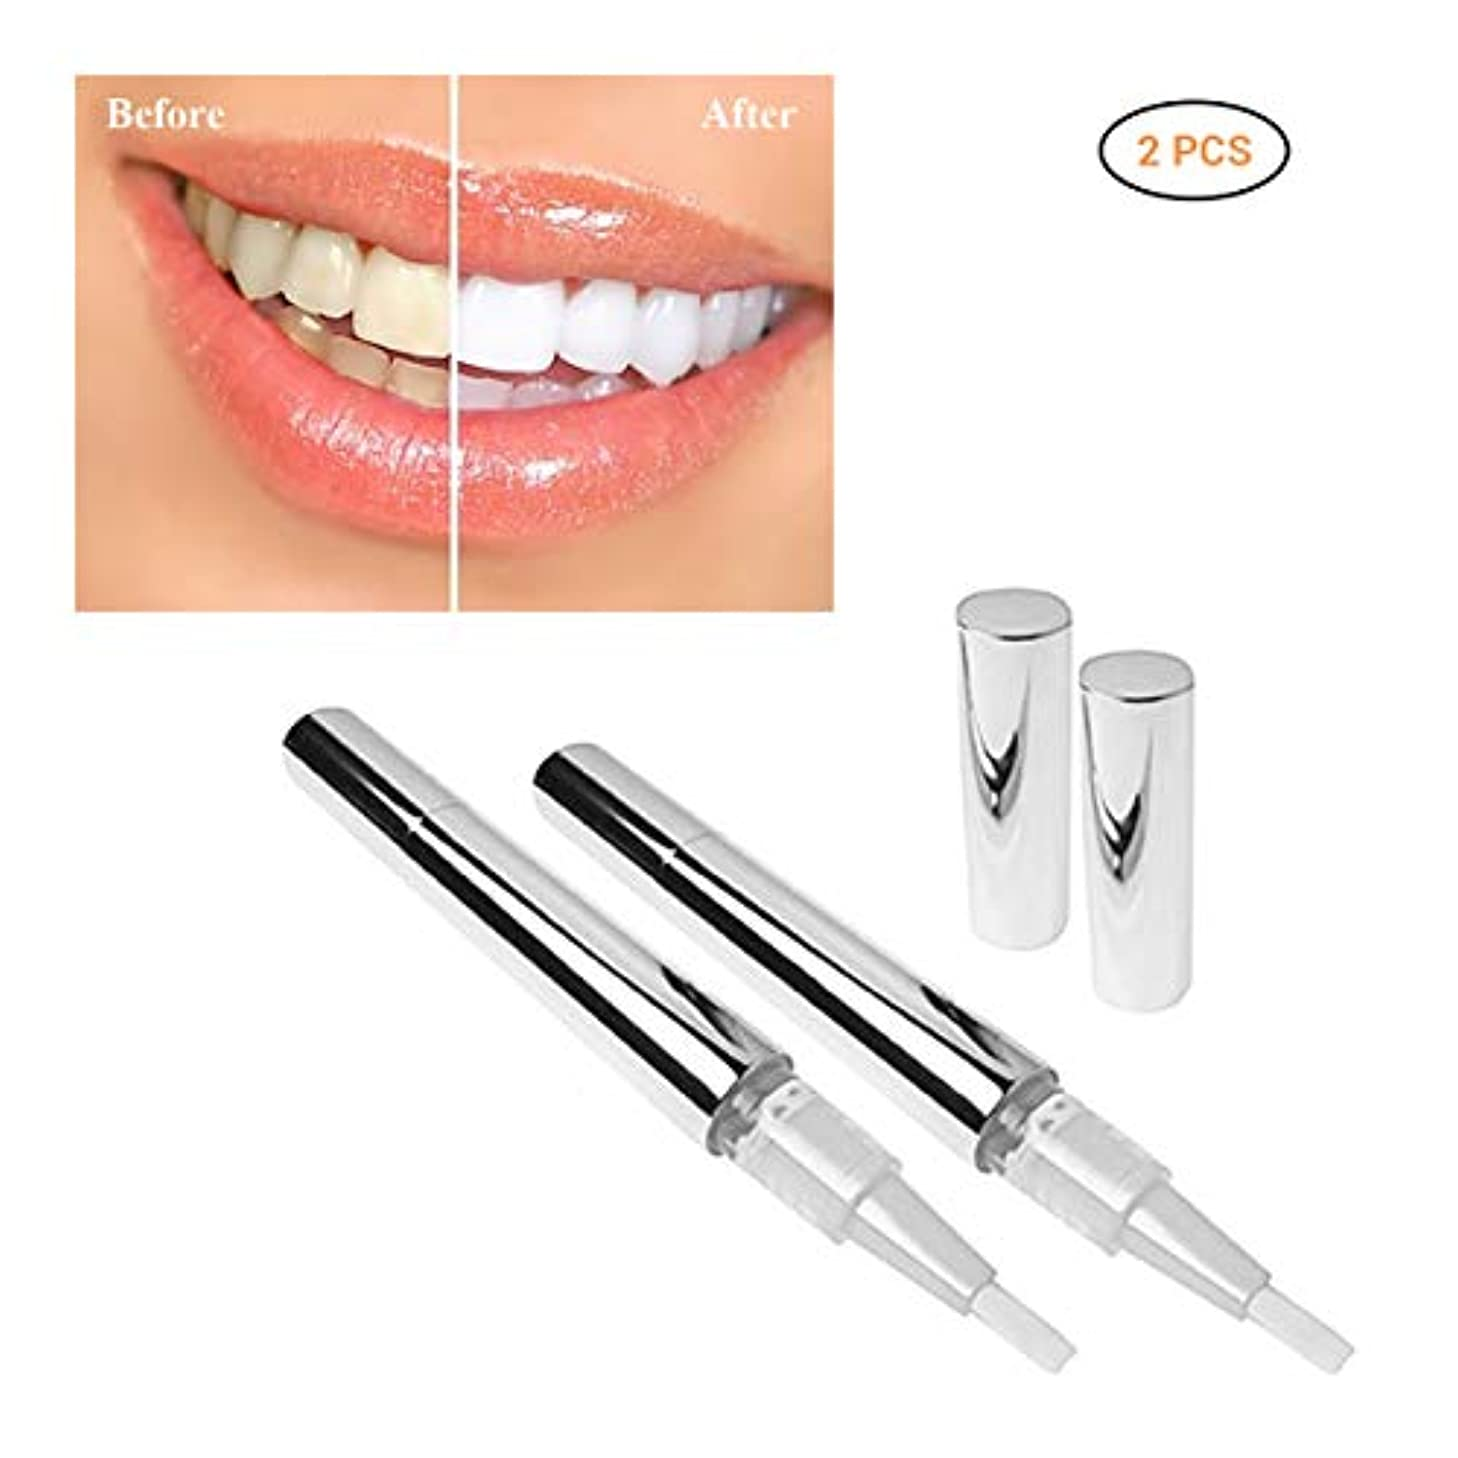 代数不十分なスチュワードBTSMAT ペンホワイトニングペン歯のホワイトニングステインイレーサーリムーバー口腔衛生ホワイトニングペン